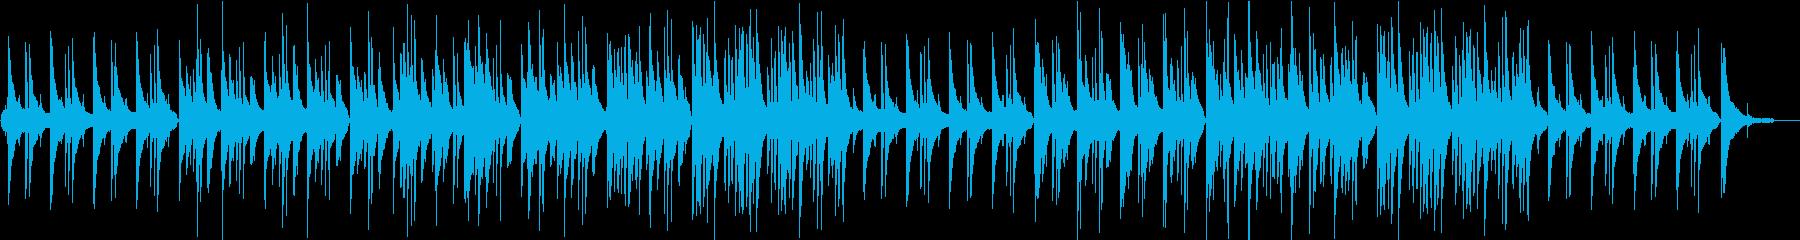 月明かりをイメージしたスローピアノワルツの再生済みの波形